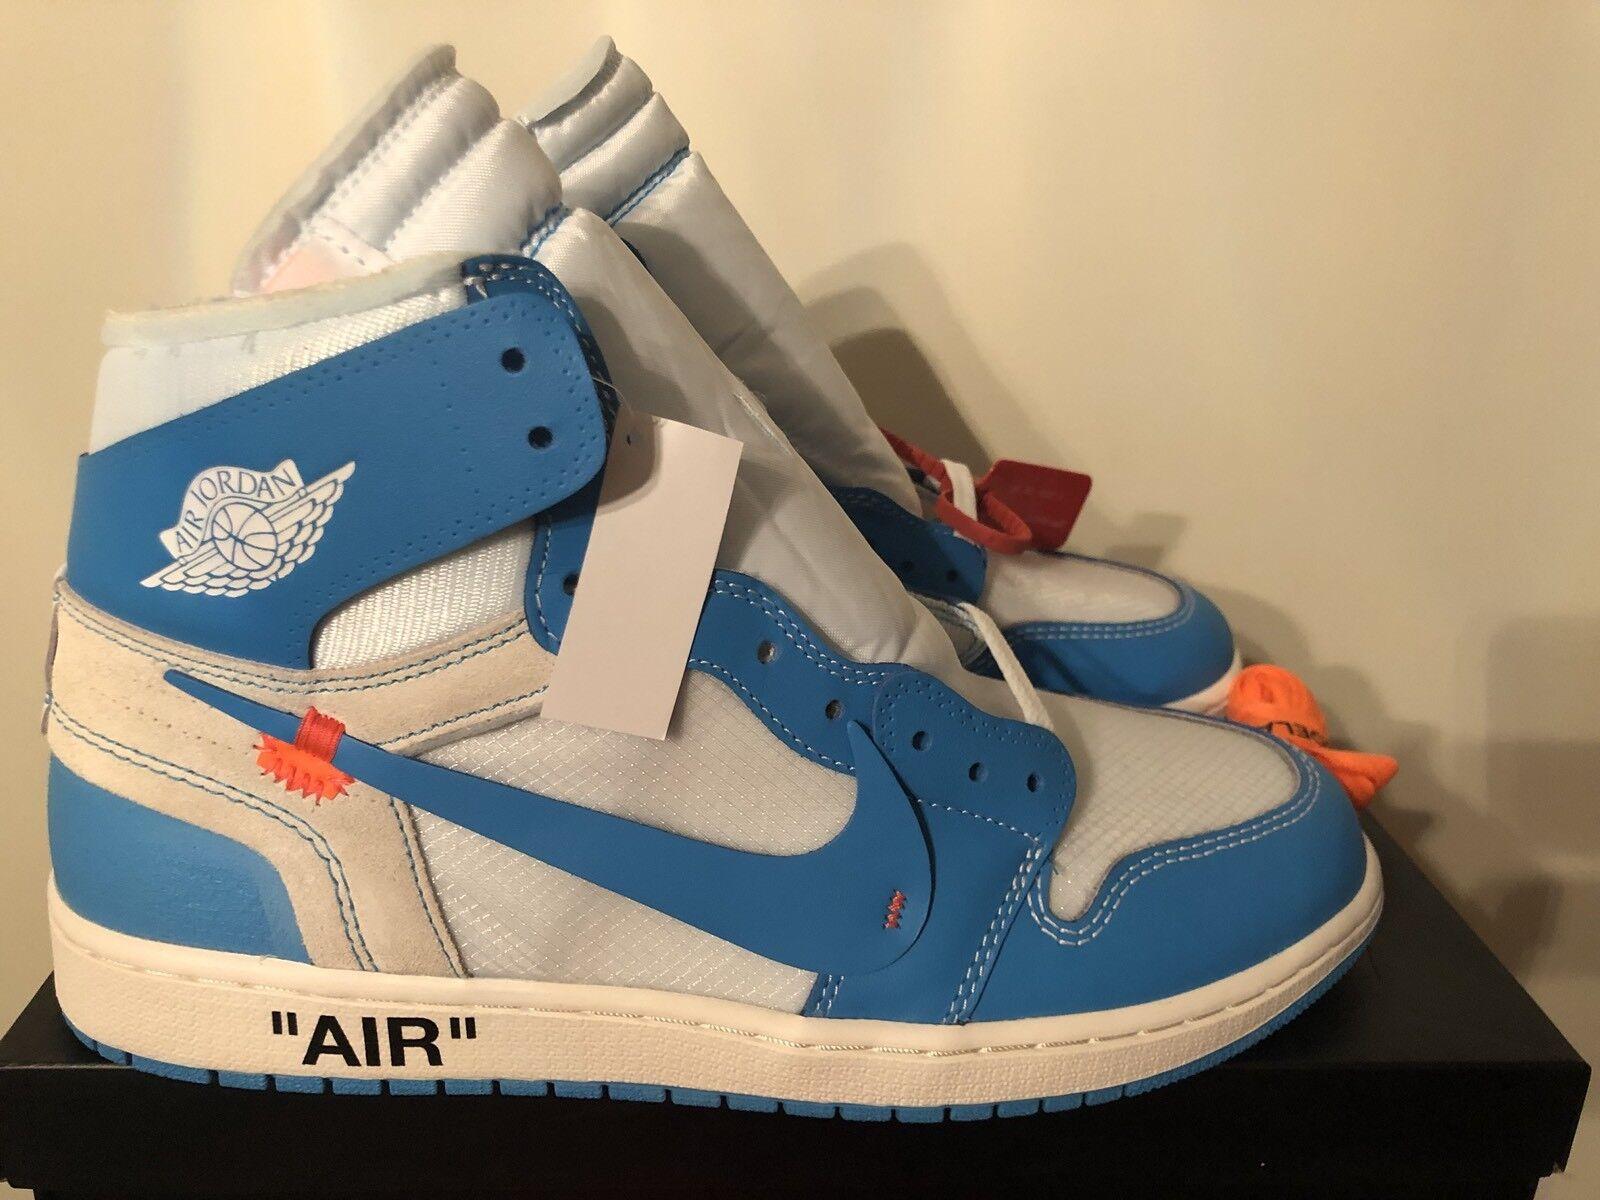 Nike air jordan 1 x biancastro zio blu polvere 46 46 46 euro noi 12 si fidava di venditore | Nuove Varietà Vengono Introdotti Uno Dopo L'altro  | Gentiluomo/Signora Scarpa  609c82